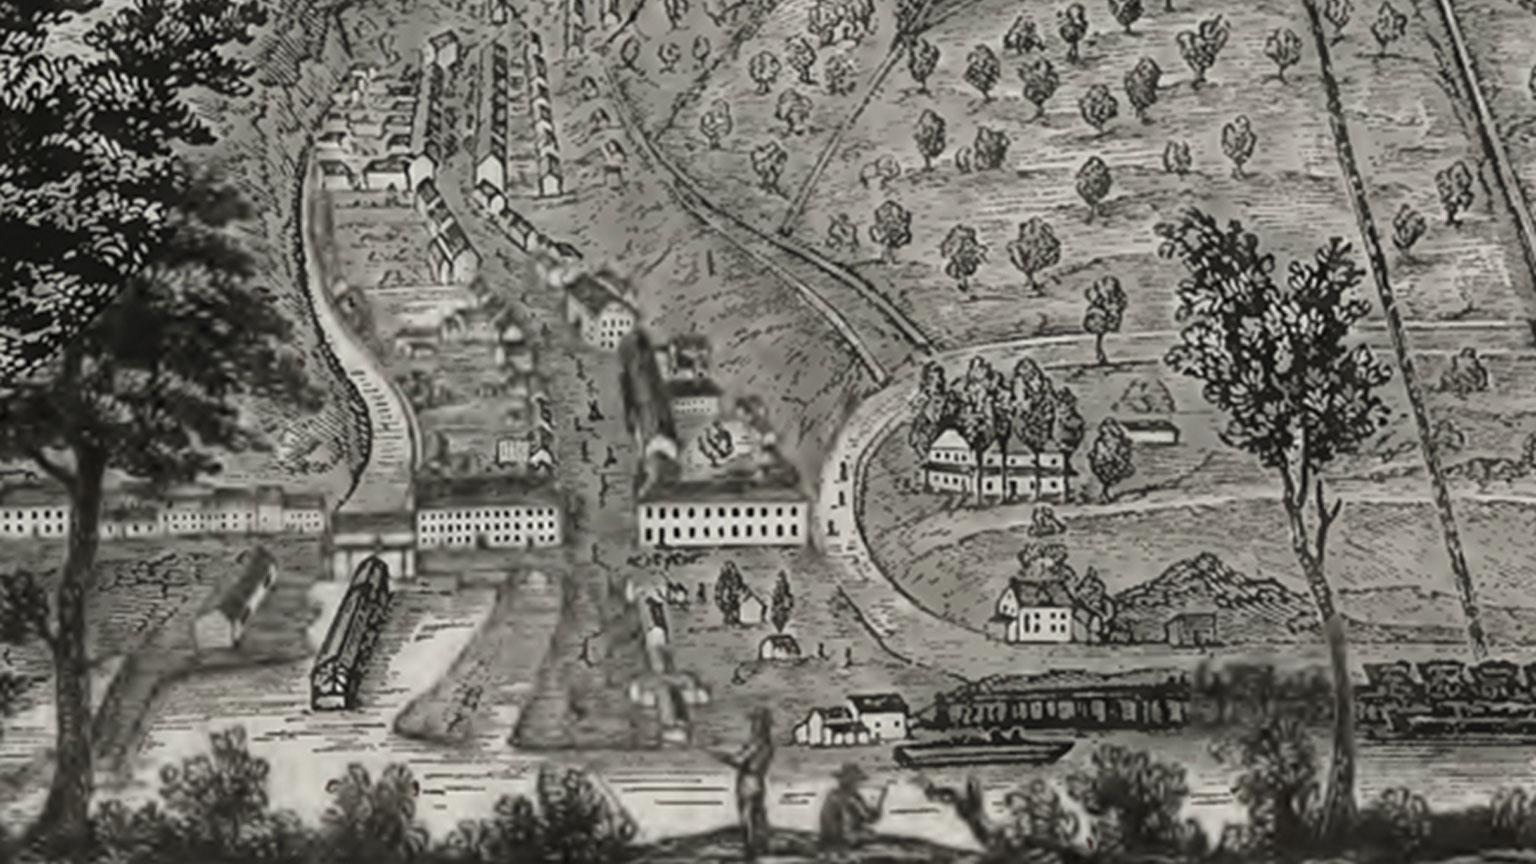 Mauch Chunk 1853.